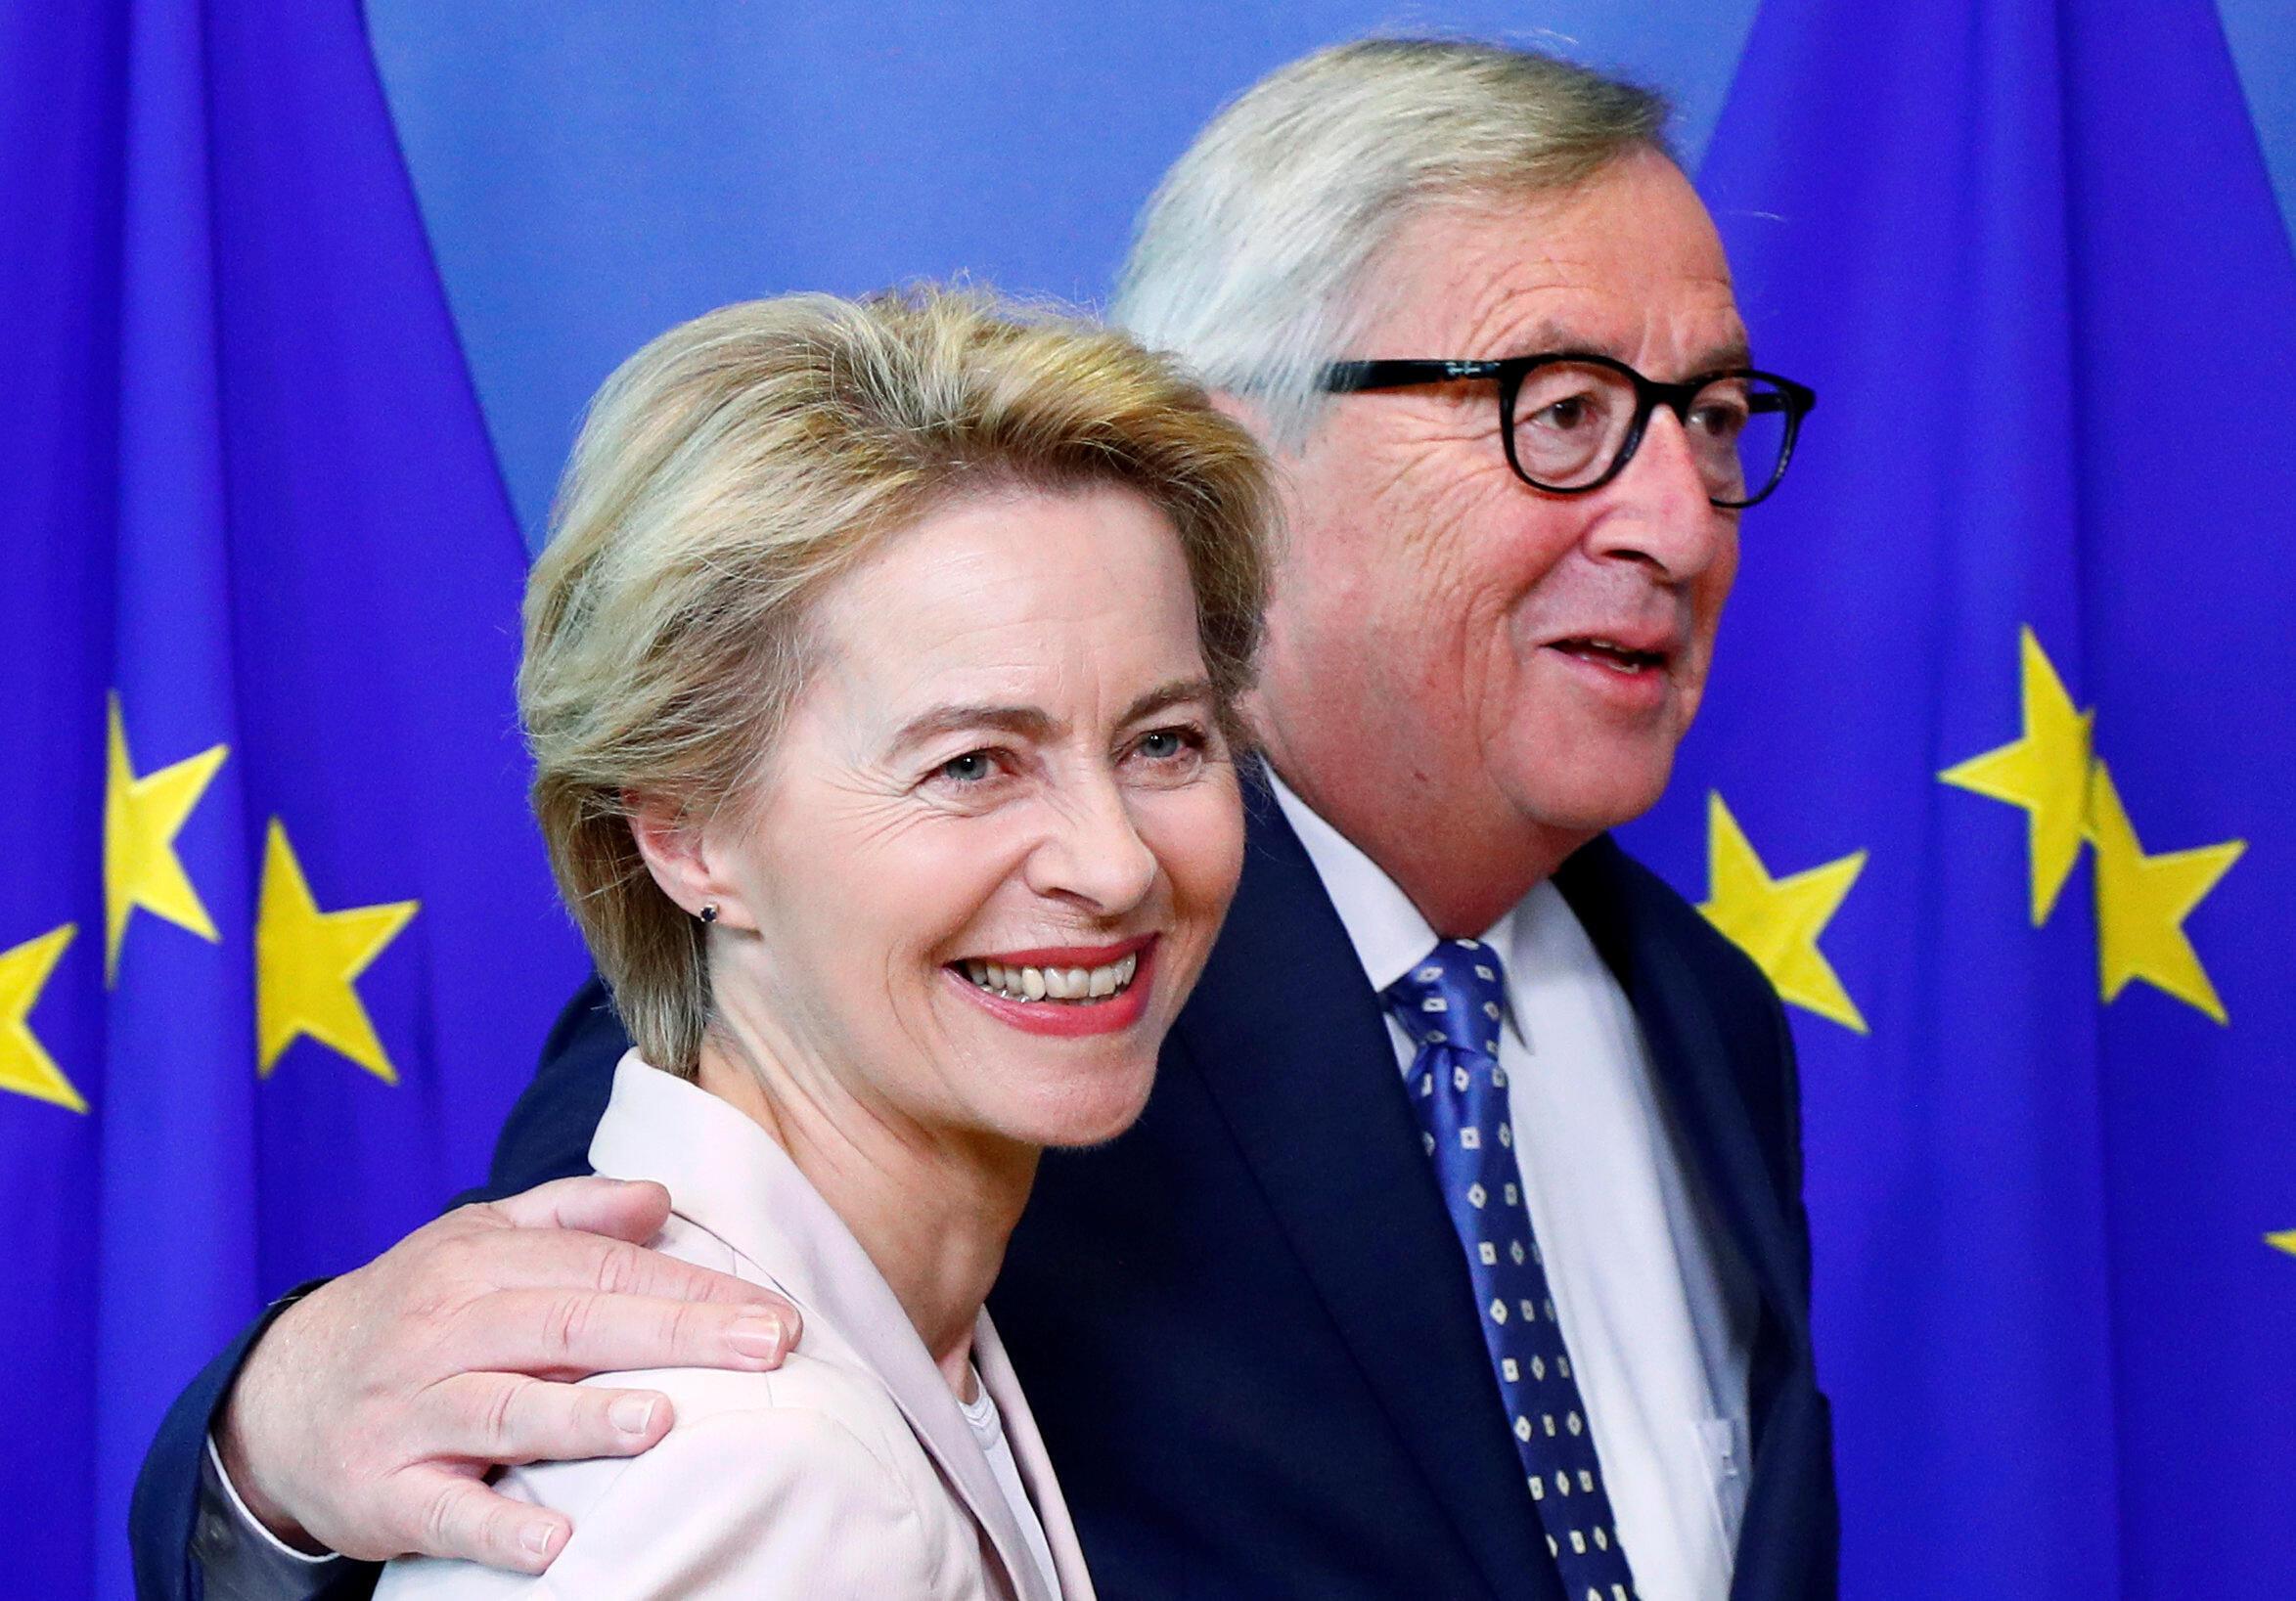 Bộ trưởng Quốc Phòng Đức Ursula von der Leyen (T) và chủ tịch UBCA mãn nhiệm Jean-Claude Juncker, tại trụ sở của UB, Bruxelles, Bỉ, ngày 04/07/2019